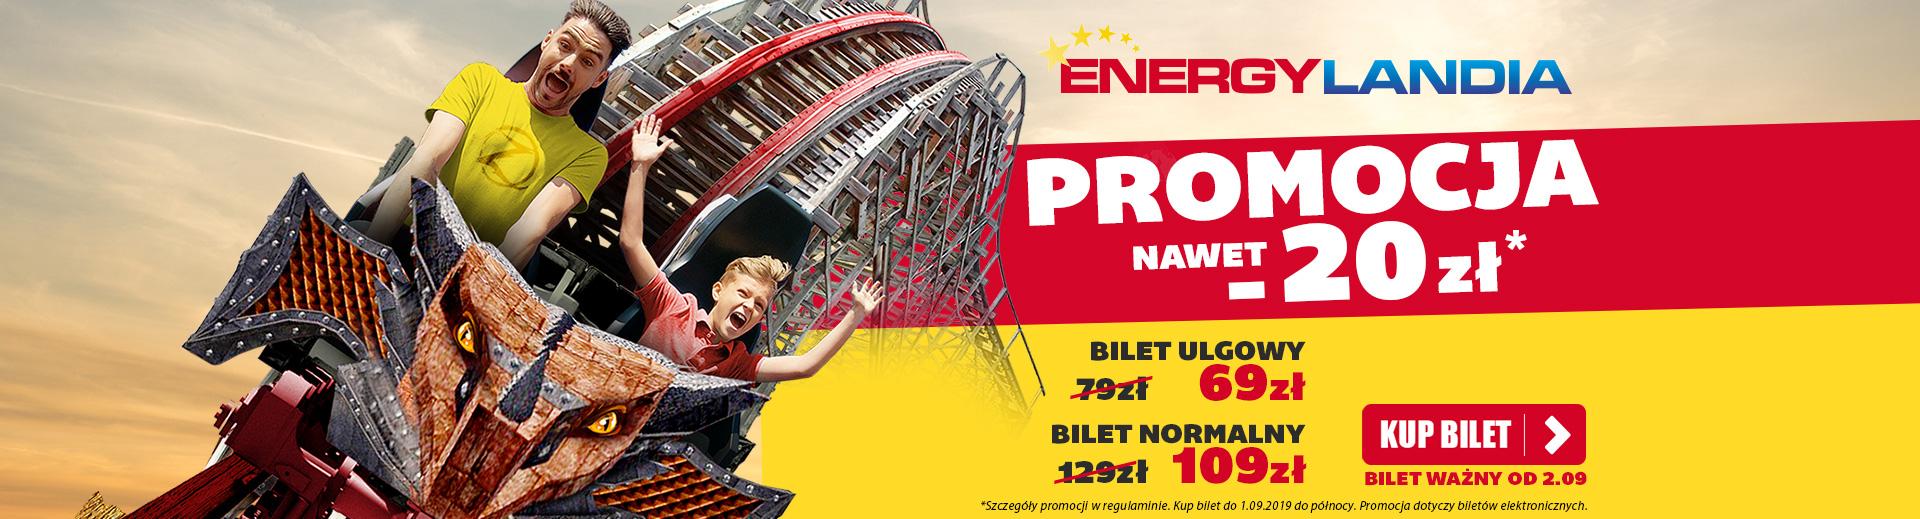 Bilet 1dn. dorosły do @Energylandia na wrzesień od 02.09 lub na już rabat -5%